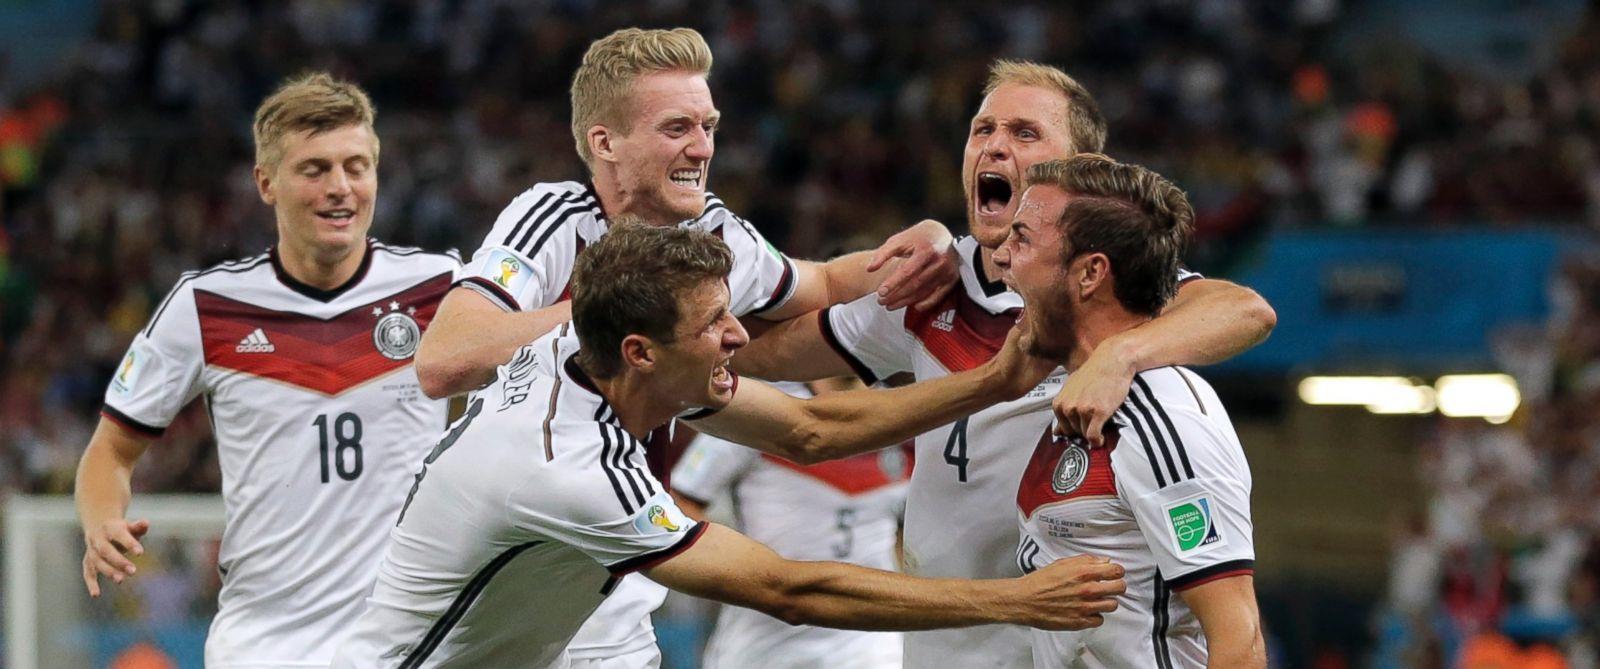 PHOTO: 2014 FIFA World Cup - Germany vs. Argentina